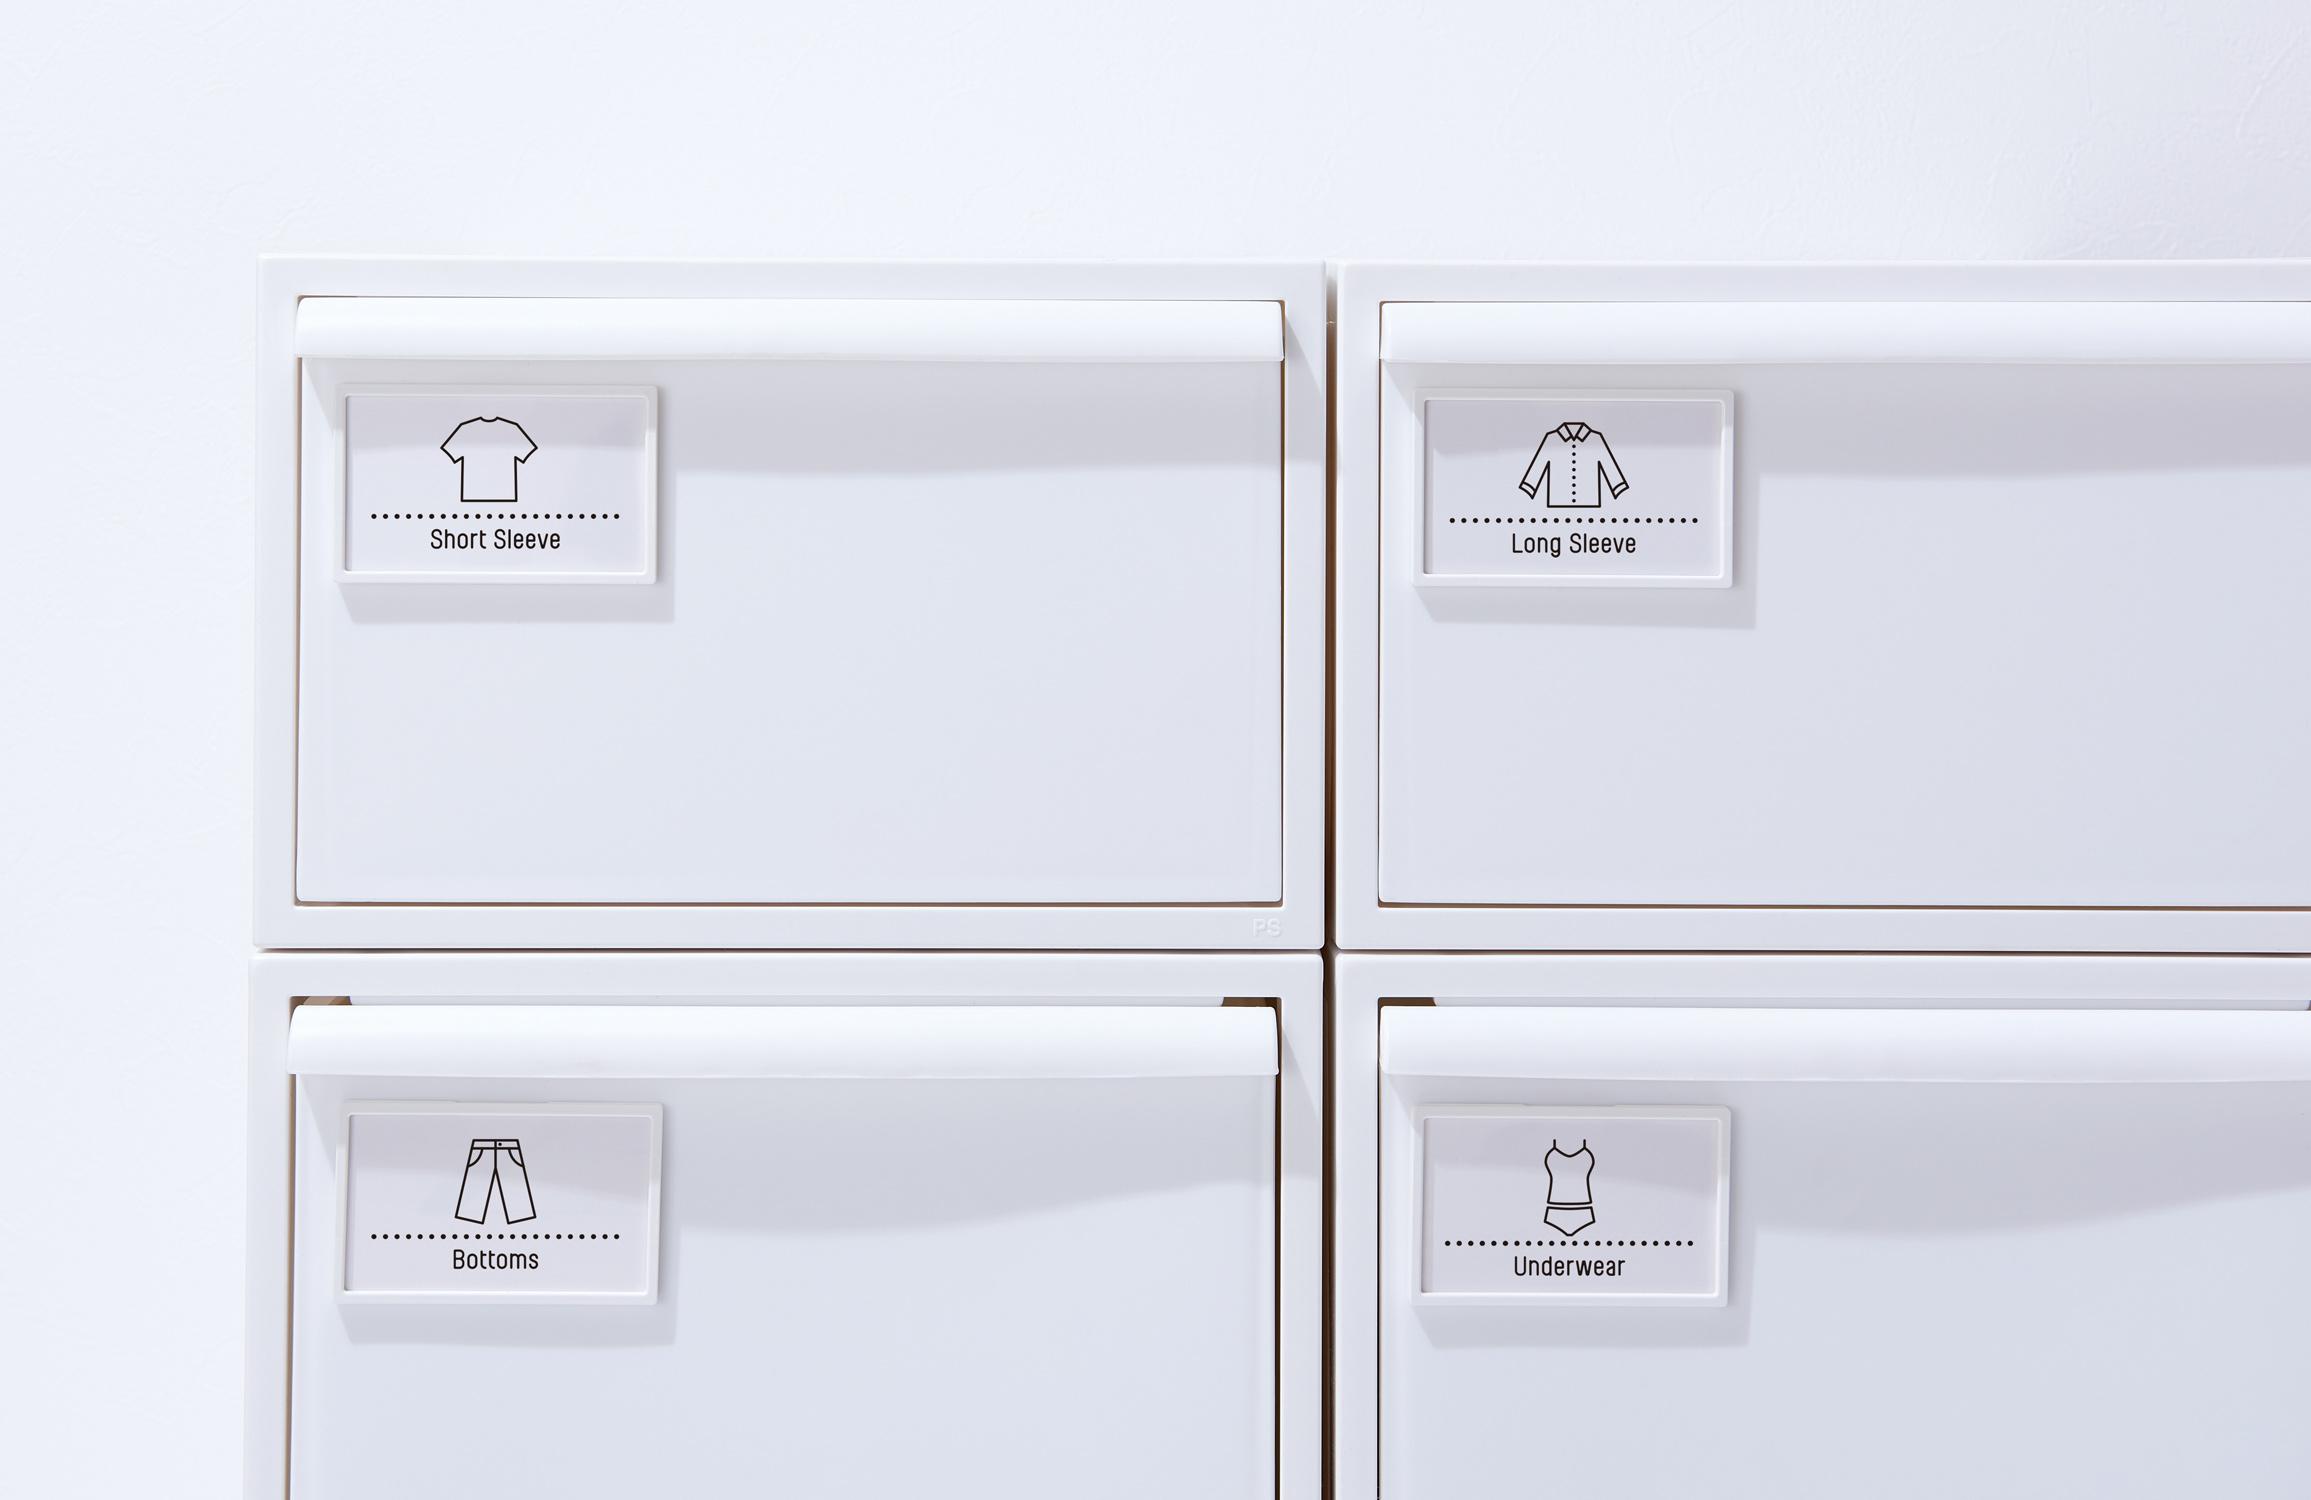 お部屋やクローゼットなどでの使いやすさを考えた収納ケース、クローゼット・システム「like-it(ライクイット)」